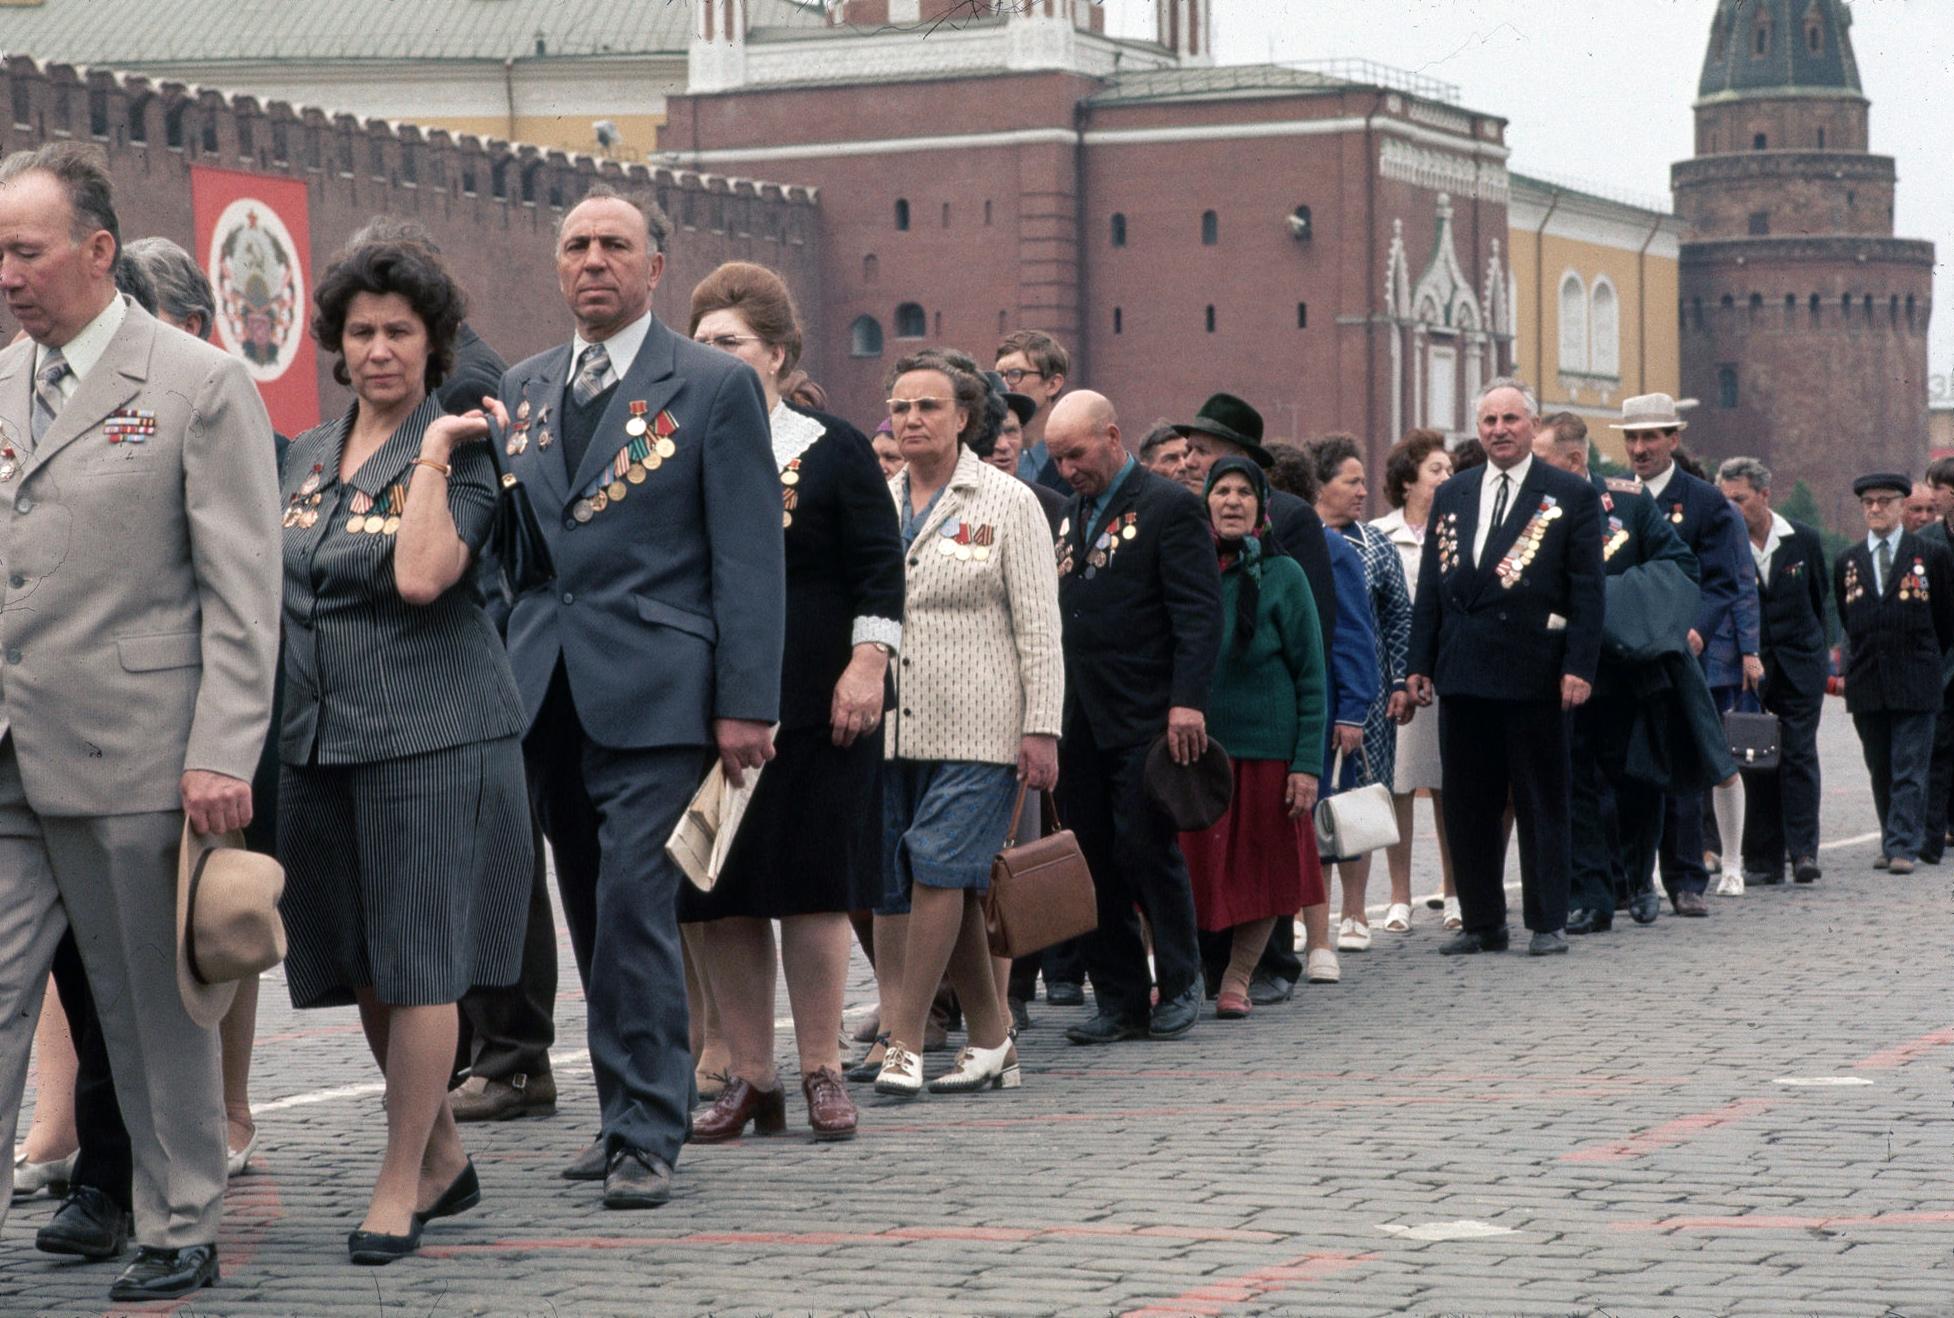 1975. Ветераны в очереди к Мавзолею. 9 мая